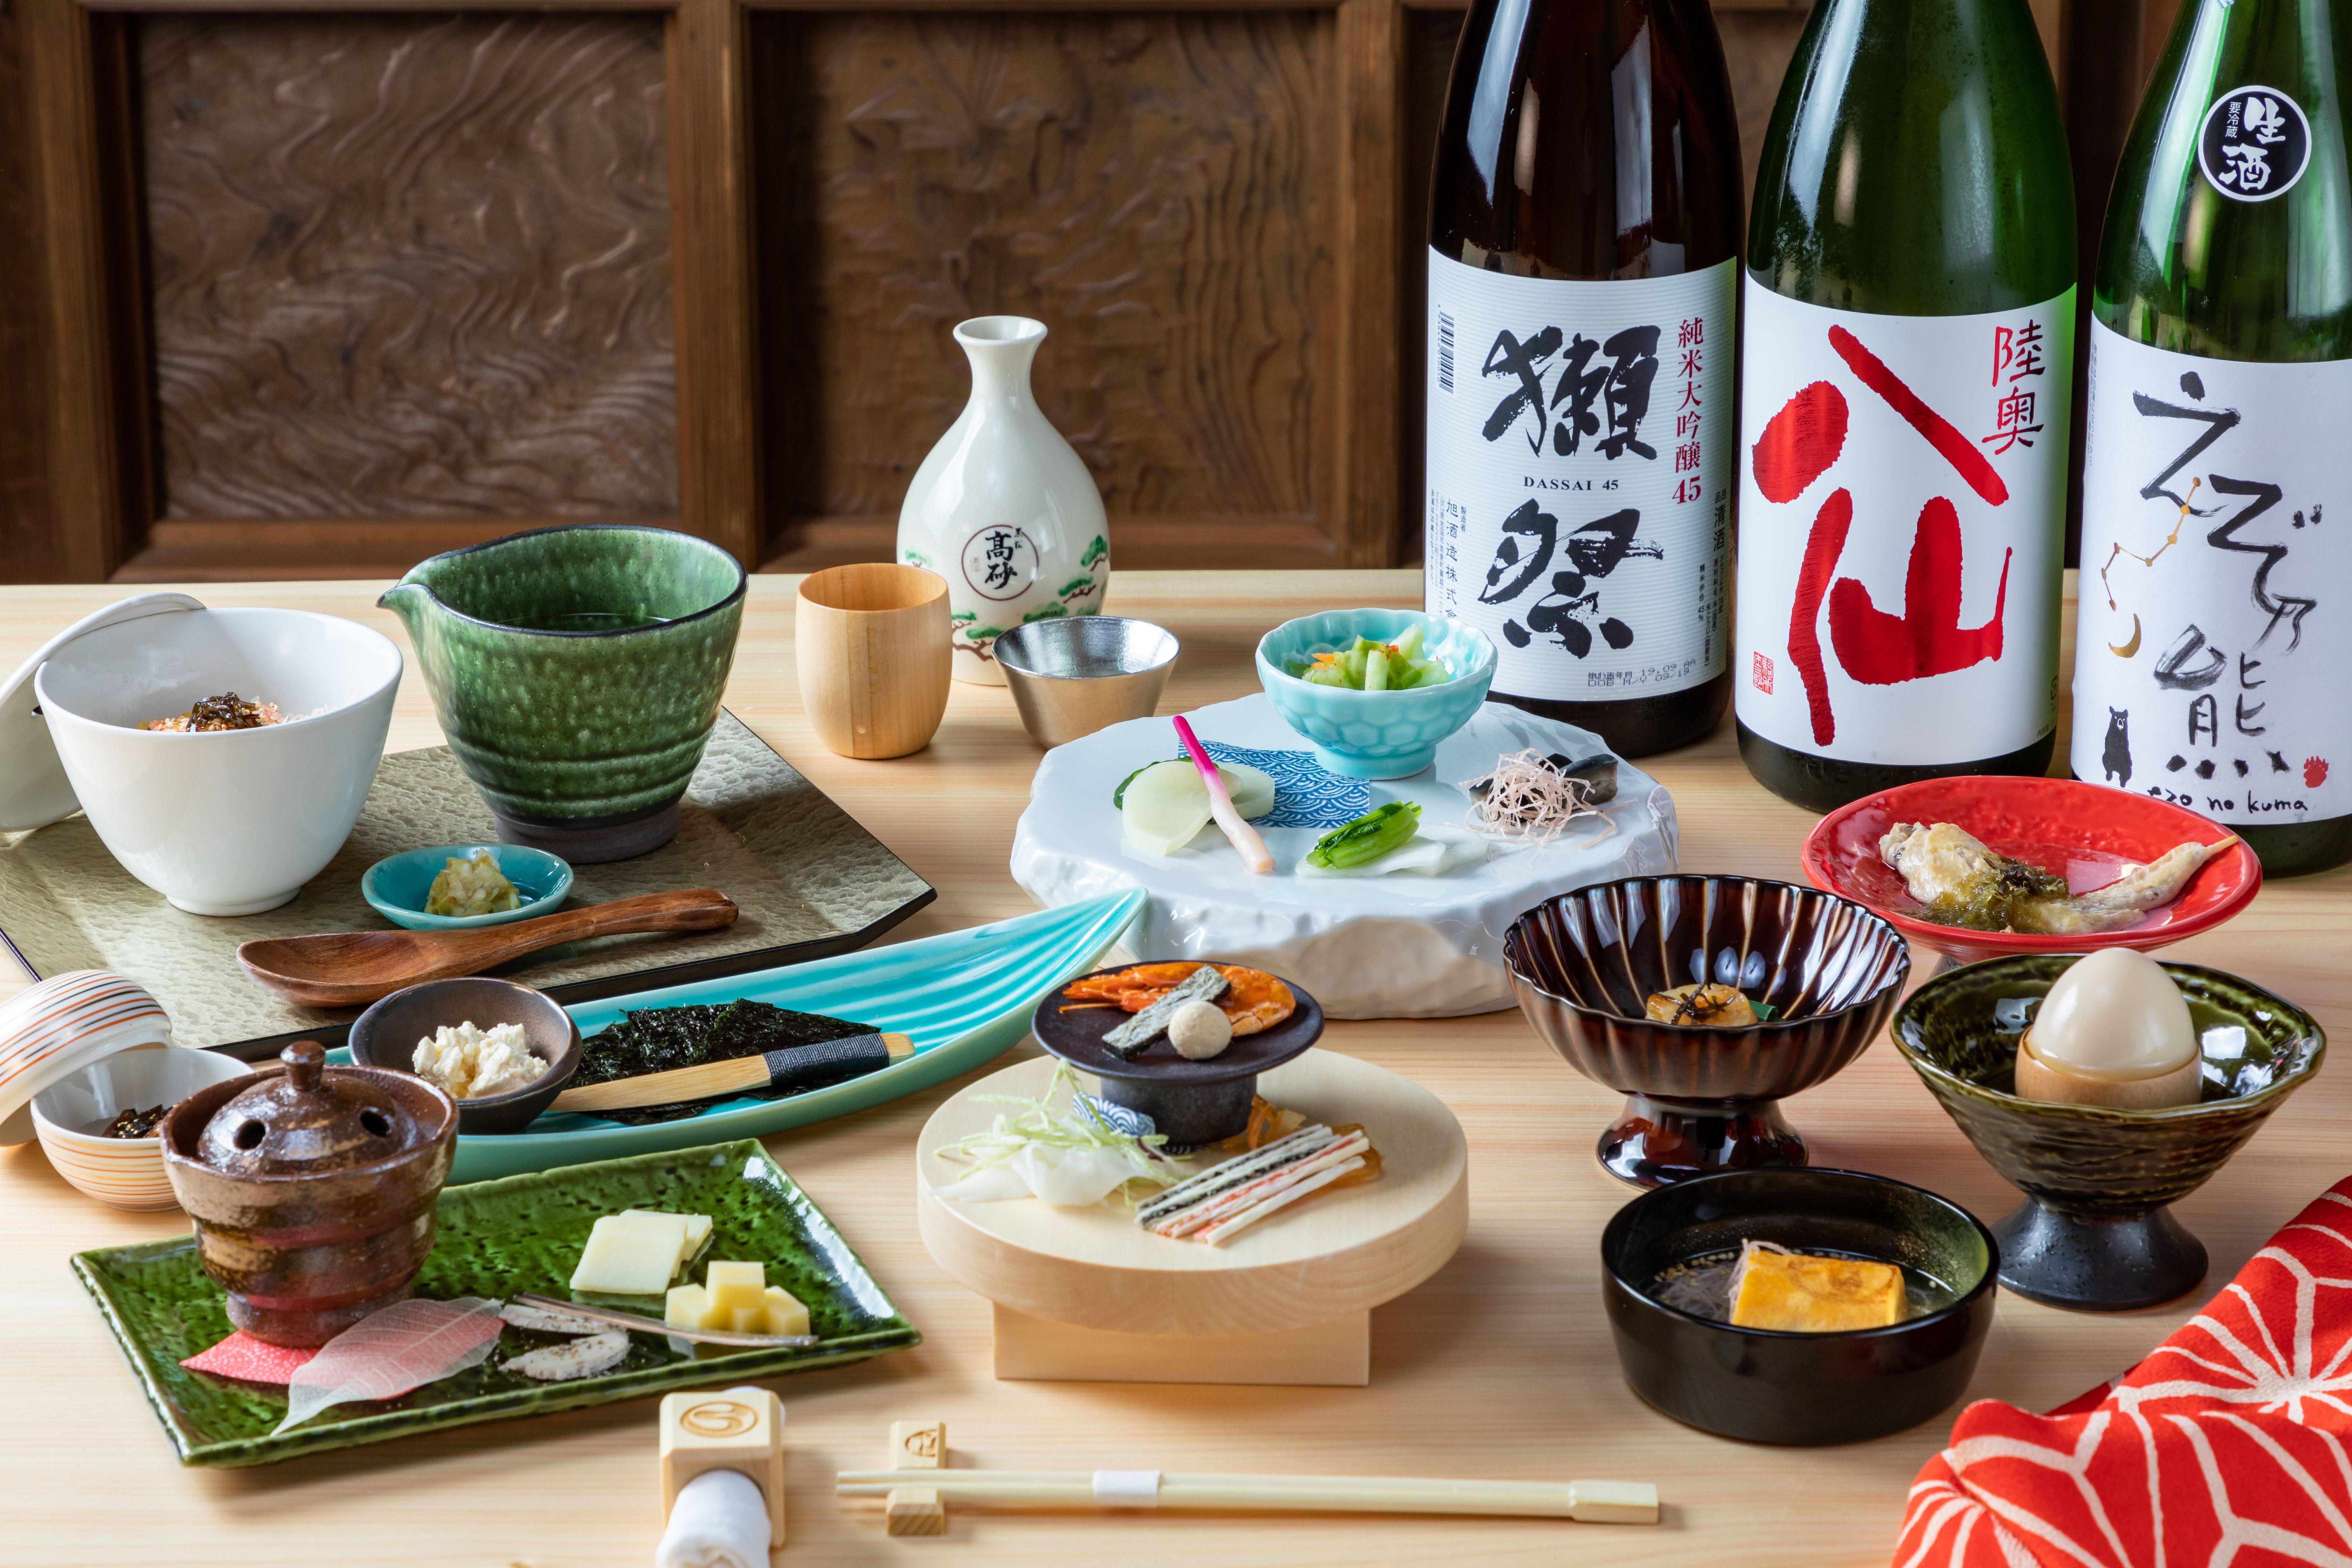 日本酒は1杯380円から。目と舌を楽しませてくれる美しいしつらえの酒肴も多彩